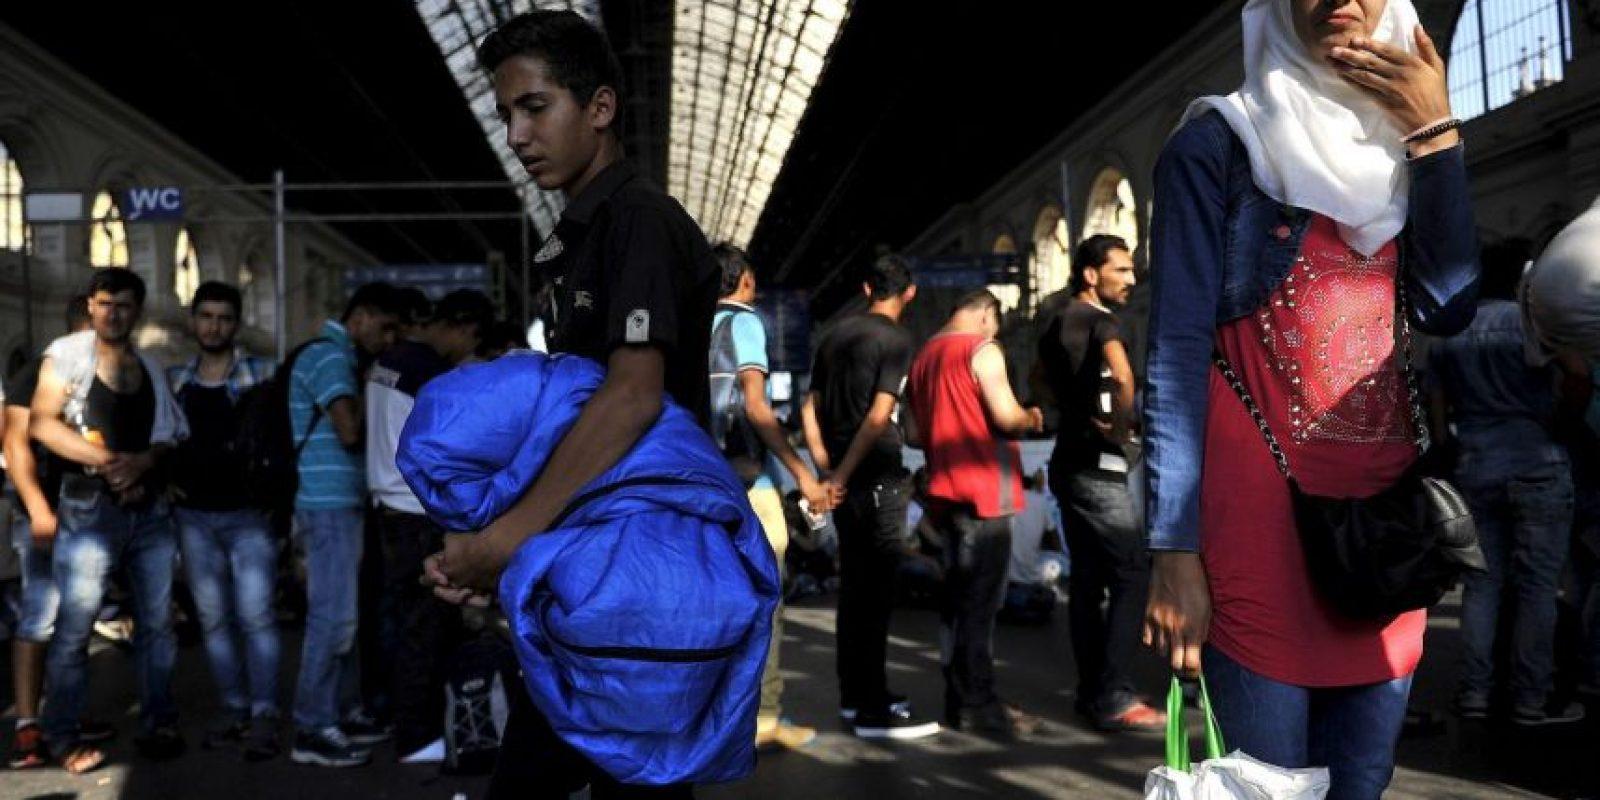 """6. """"Es inaceptable que en el siglo XXI la gente que huye de conflictos, persecuciones, la miseria y la degradación de la tierra deba soportar tales experiencias terribles en sus países de origen, por no hablar del camino, y luego morir a las puertas de Europa"""", dijo el Director General de la OIM, William Lacy Swing. Foto:AP"""